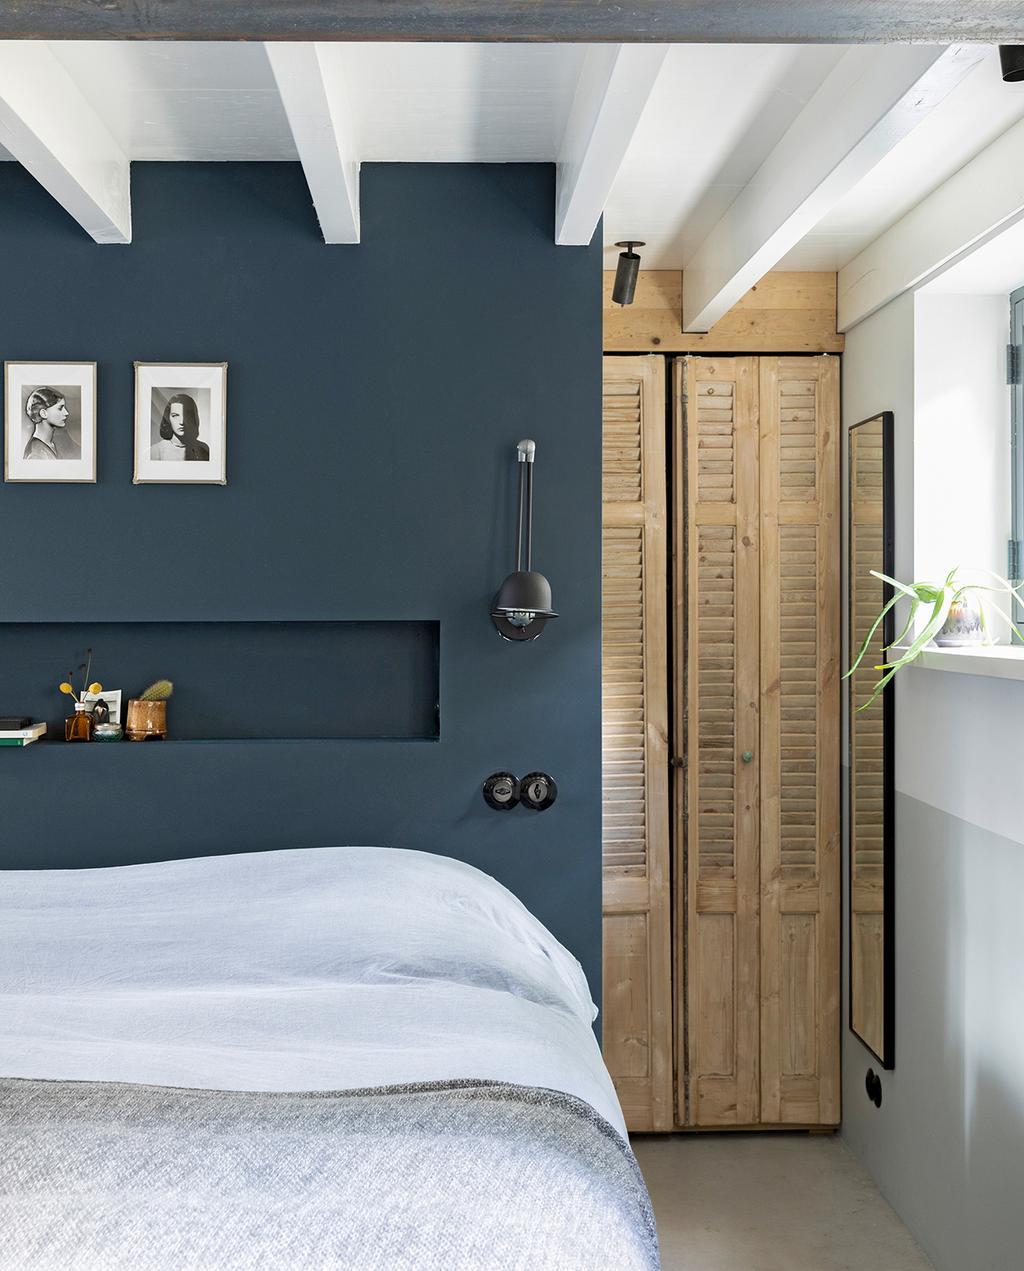 vtwonen 04-2020 | slaapkamer met donkere muur en houten klapdeurtjes Amsterdam